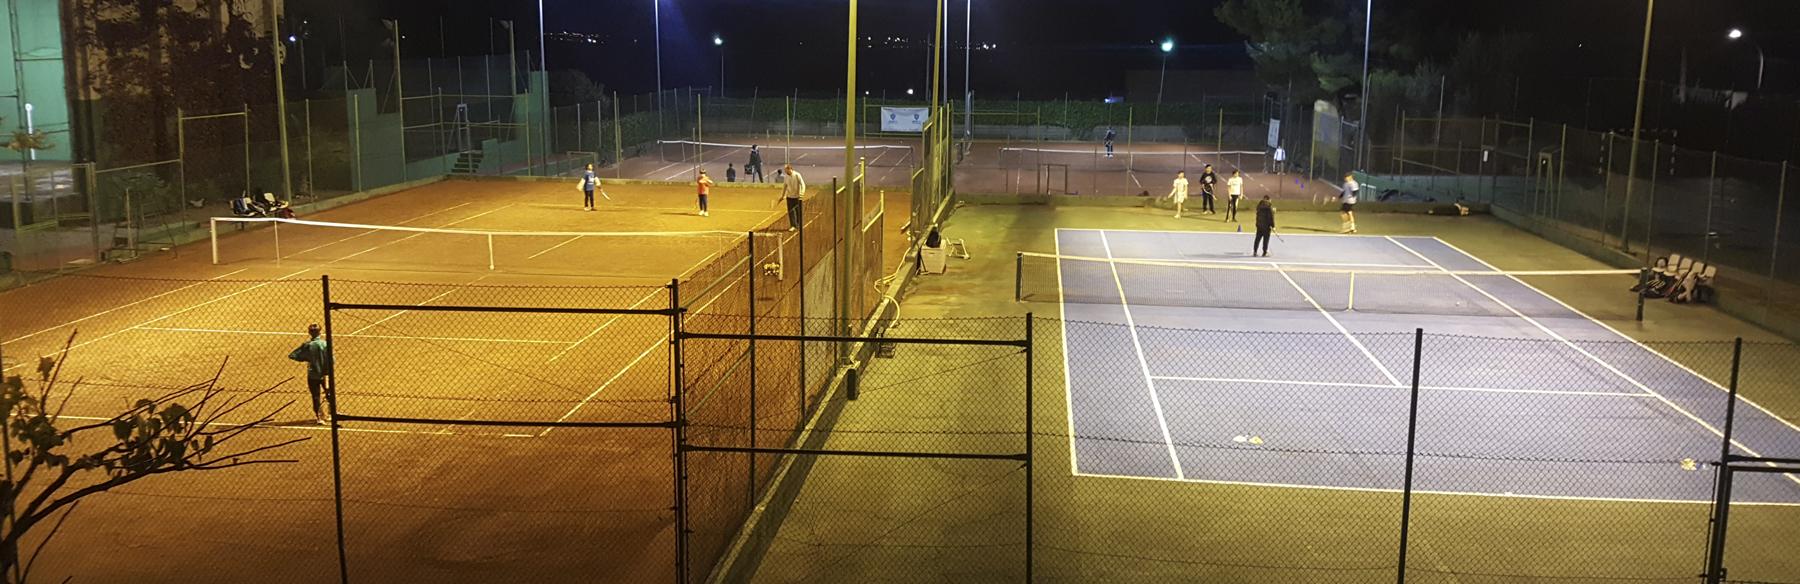 Instalaciones de noche escuela tenis 92